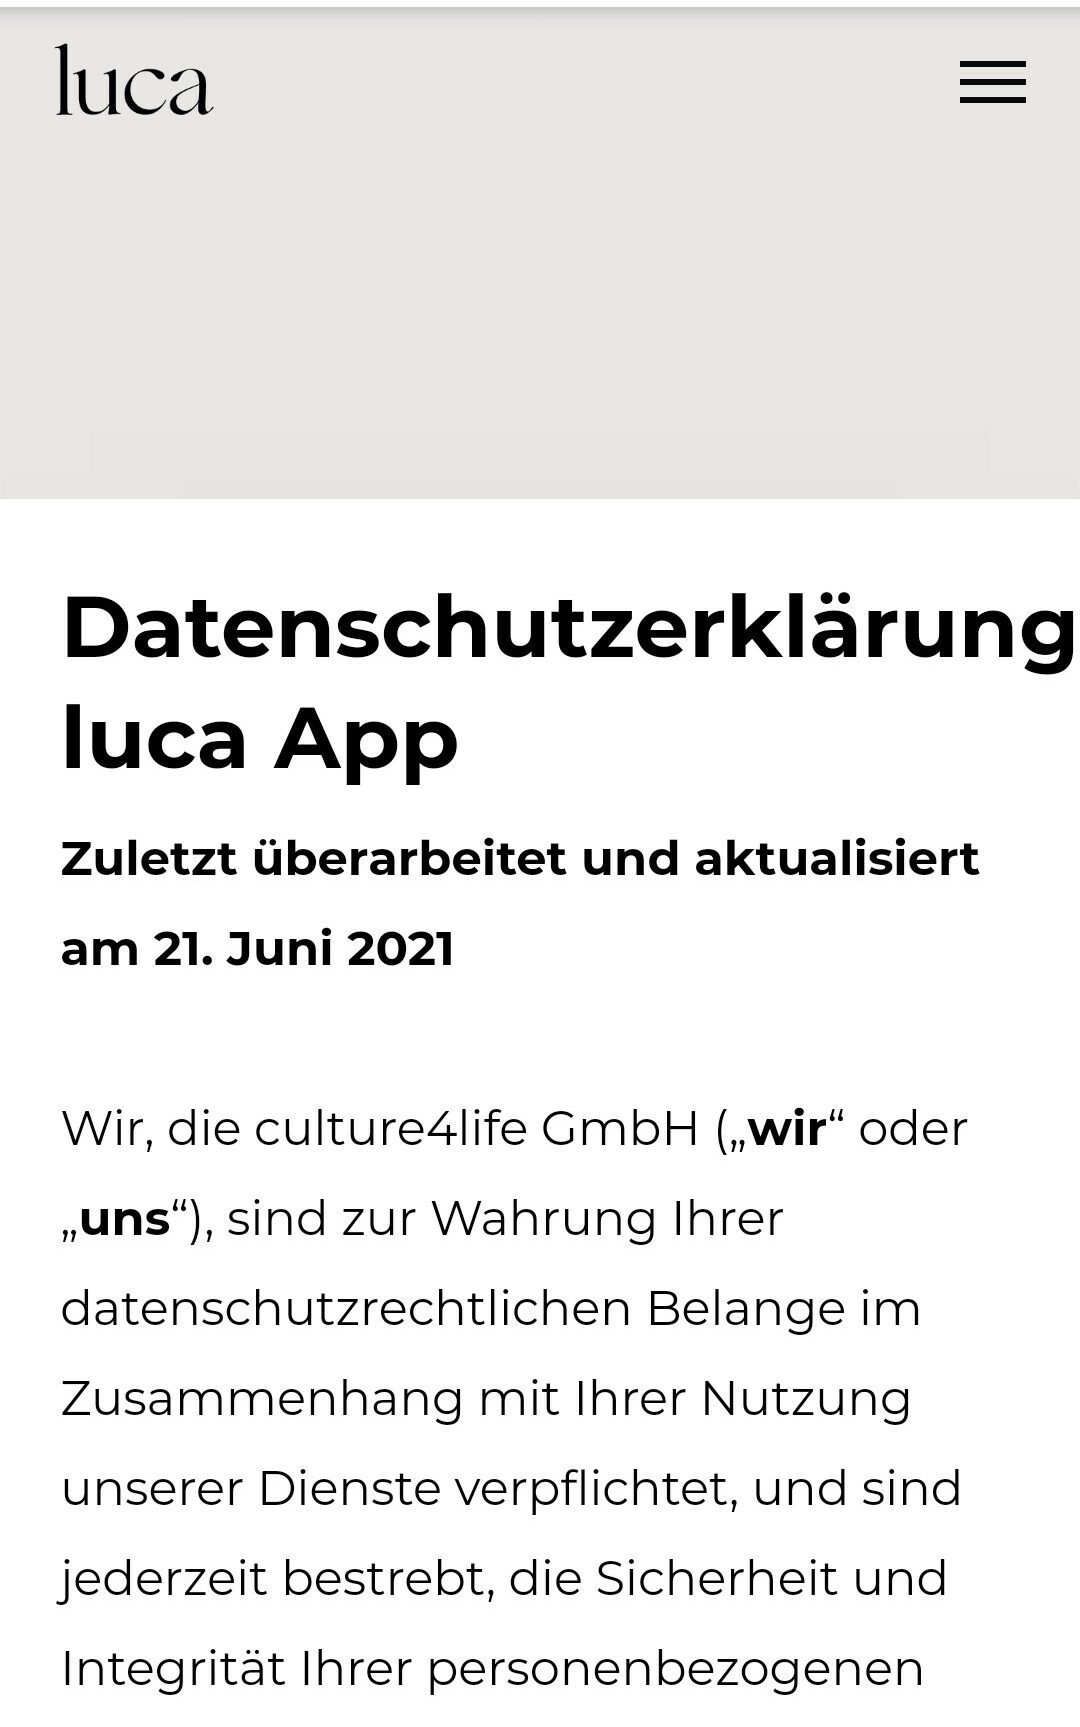 luca App Datenschutzerklärung